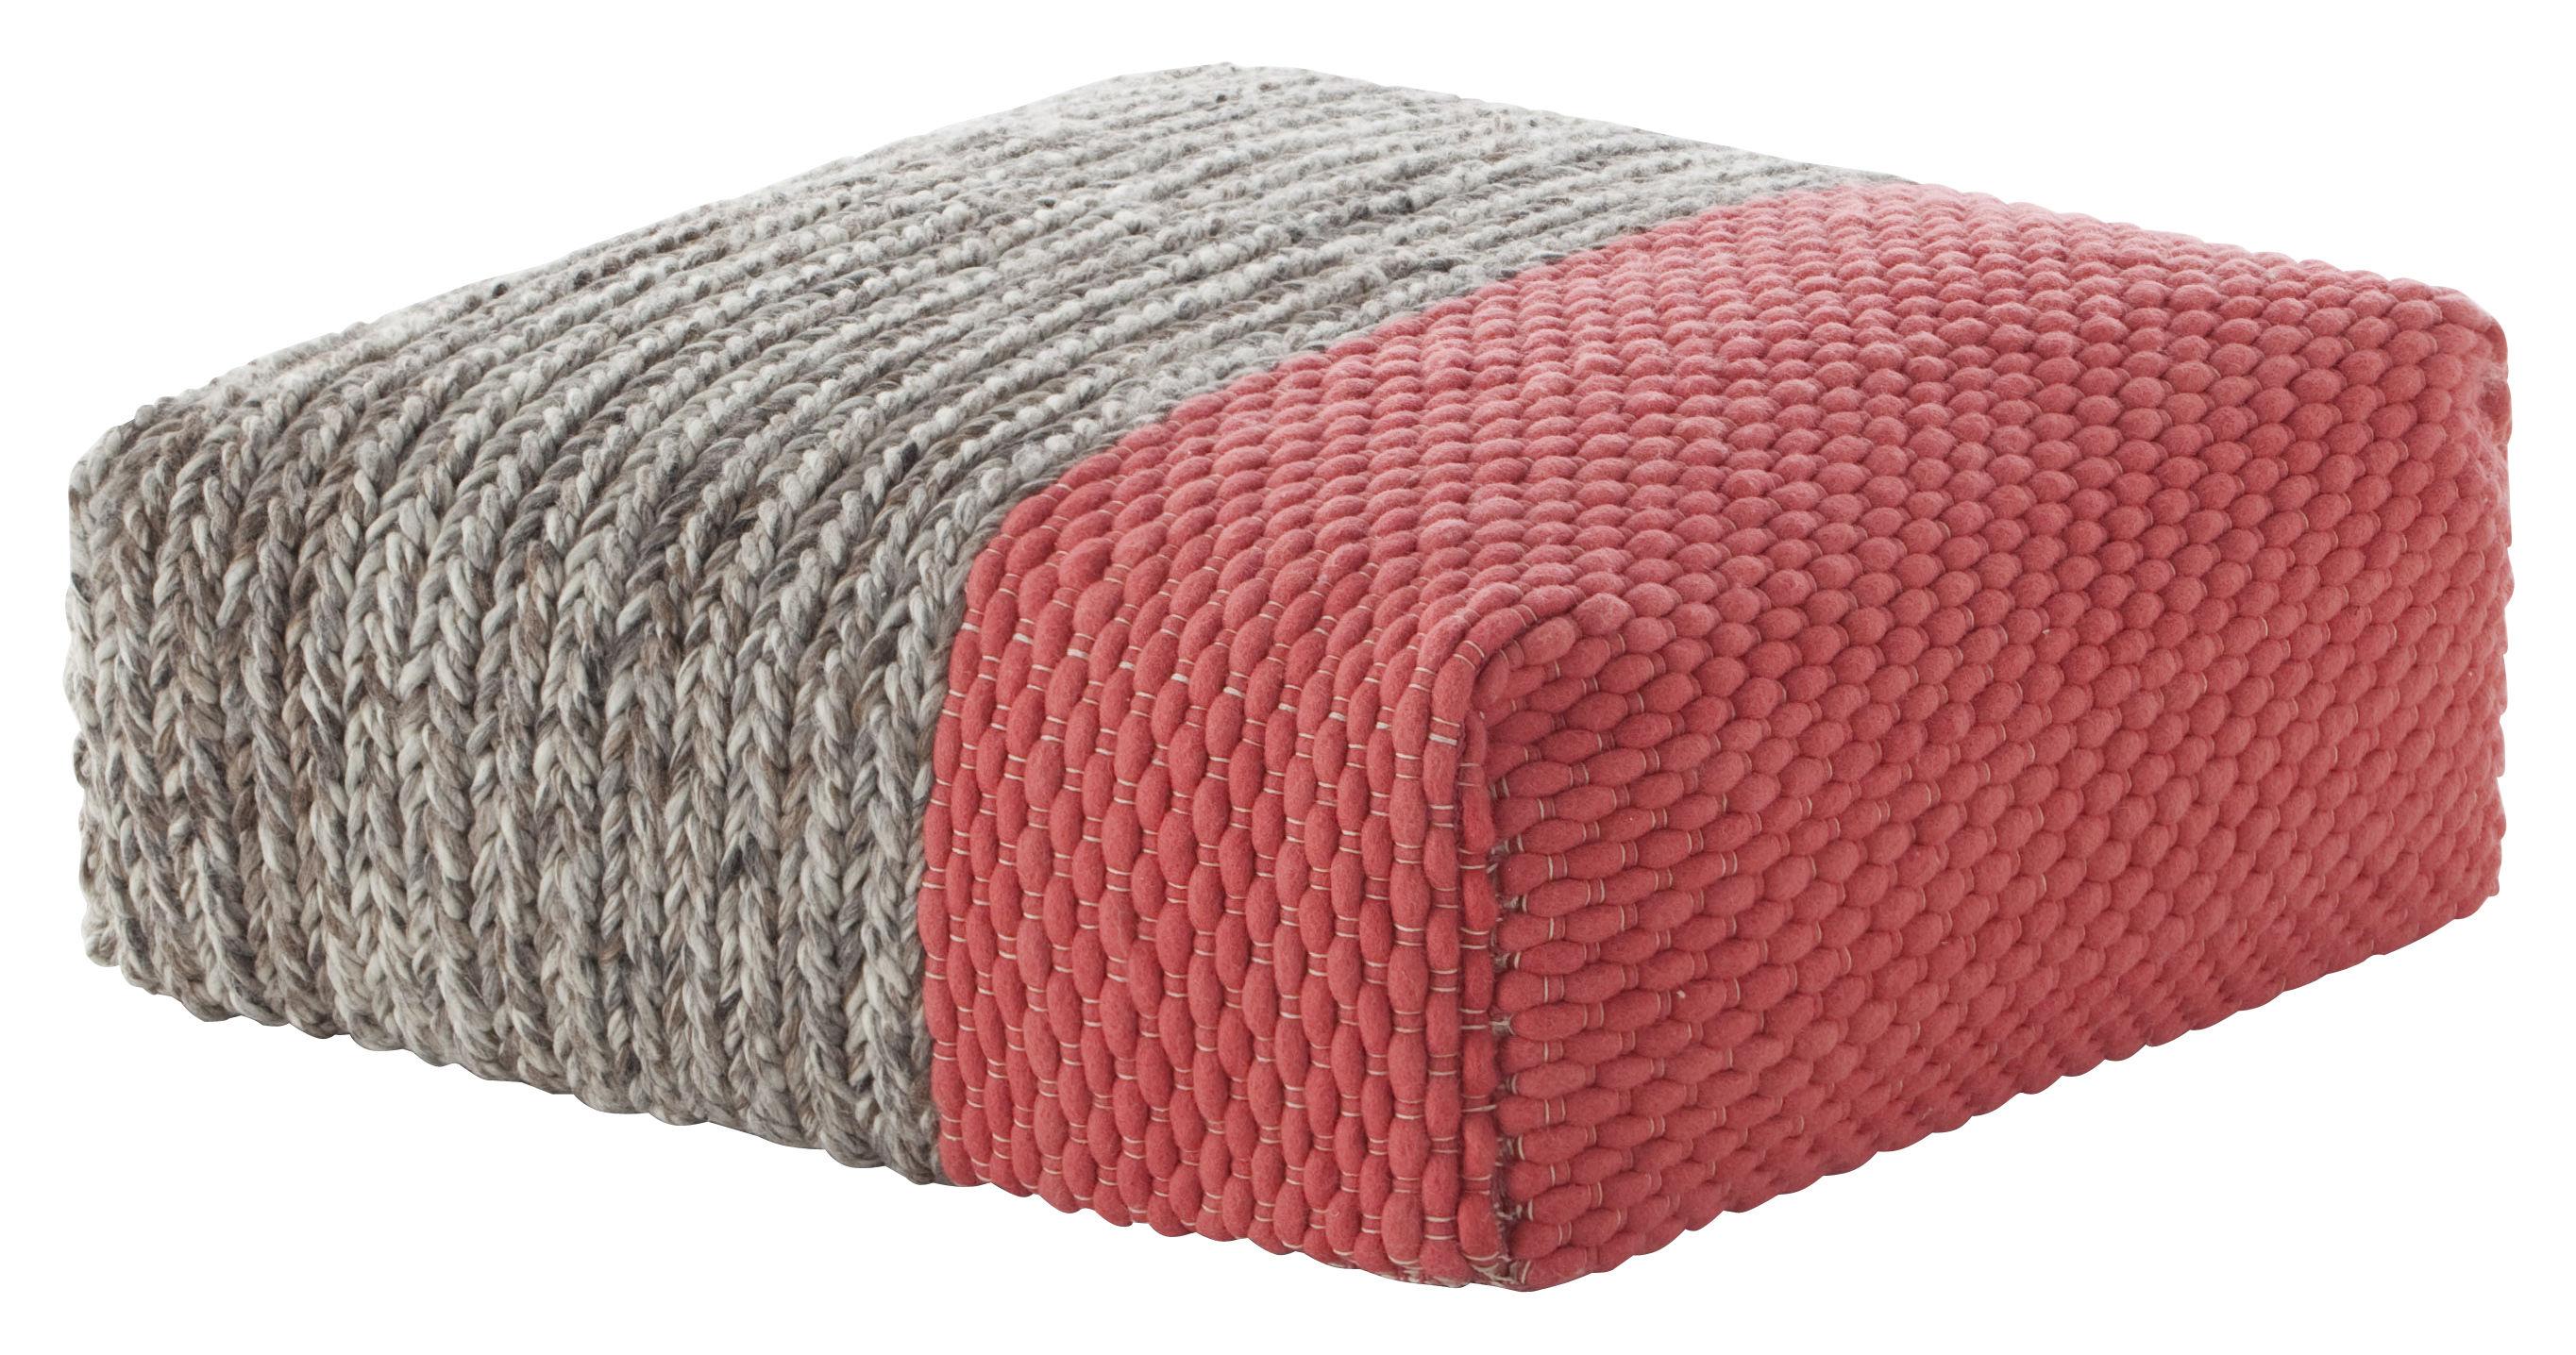 Furniture - Poufs & Floor Cushions - Mangas Space Plait Pouf - / 90 x 90 cm - H 30 cm by Gan - Coral - Mousse caoutchouc, Virgin wool